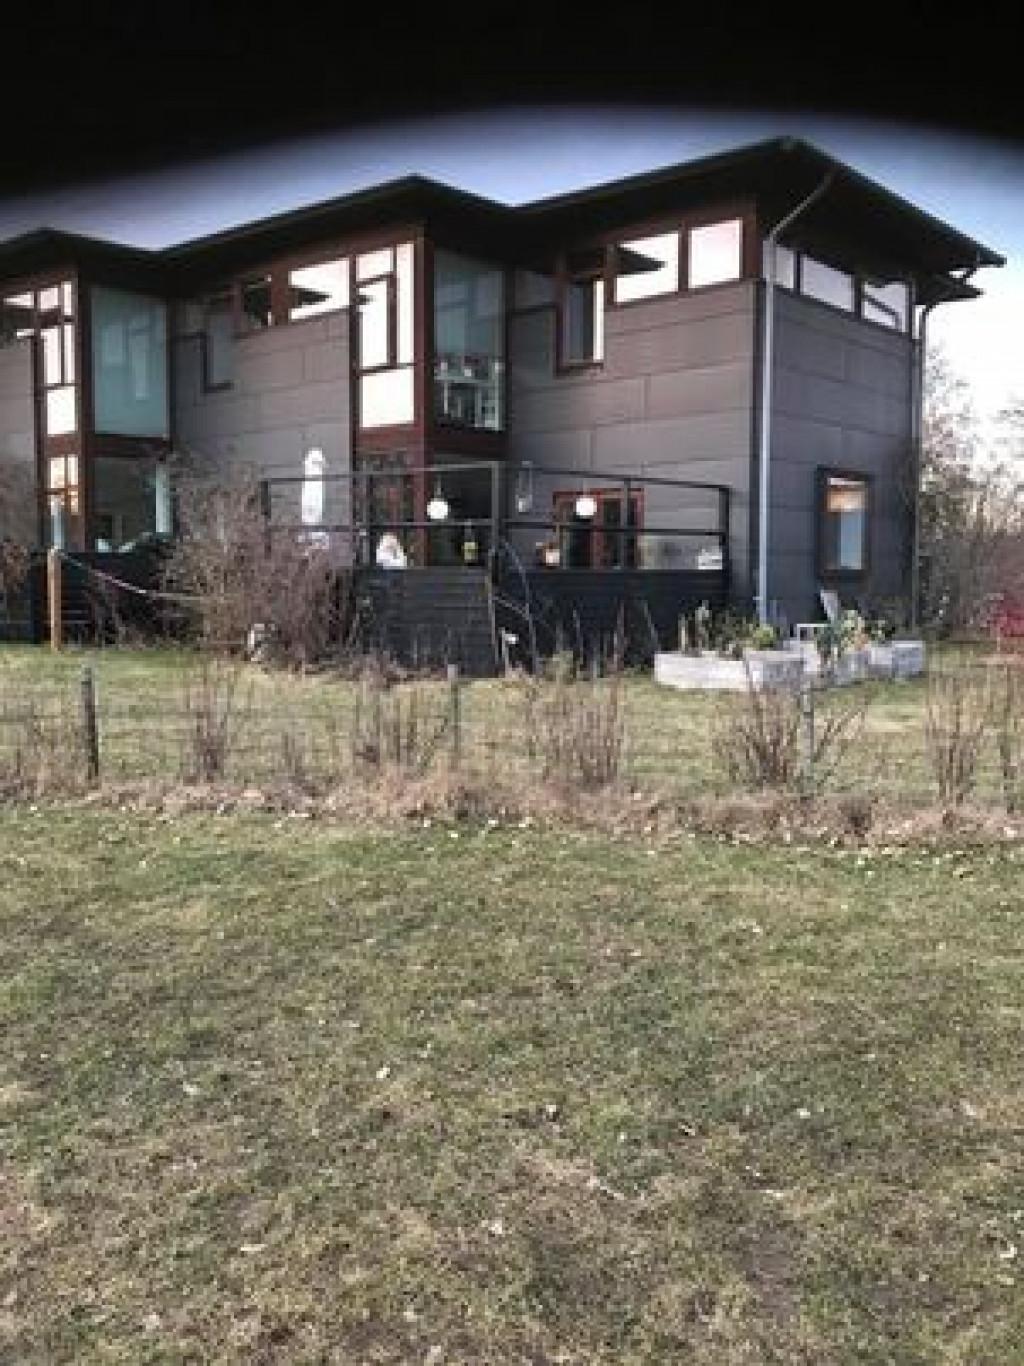 Skønt enderækkehus i bofællesskabet Glashusene, Trekroner, Roskilde  - udefra_e04e5a46016c87c2cc82aa9320058337